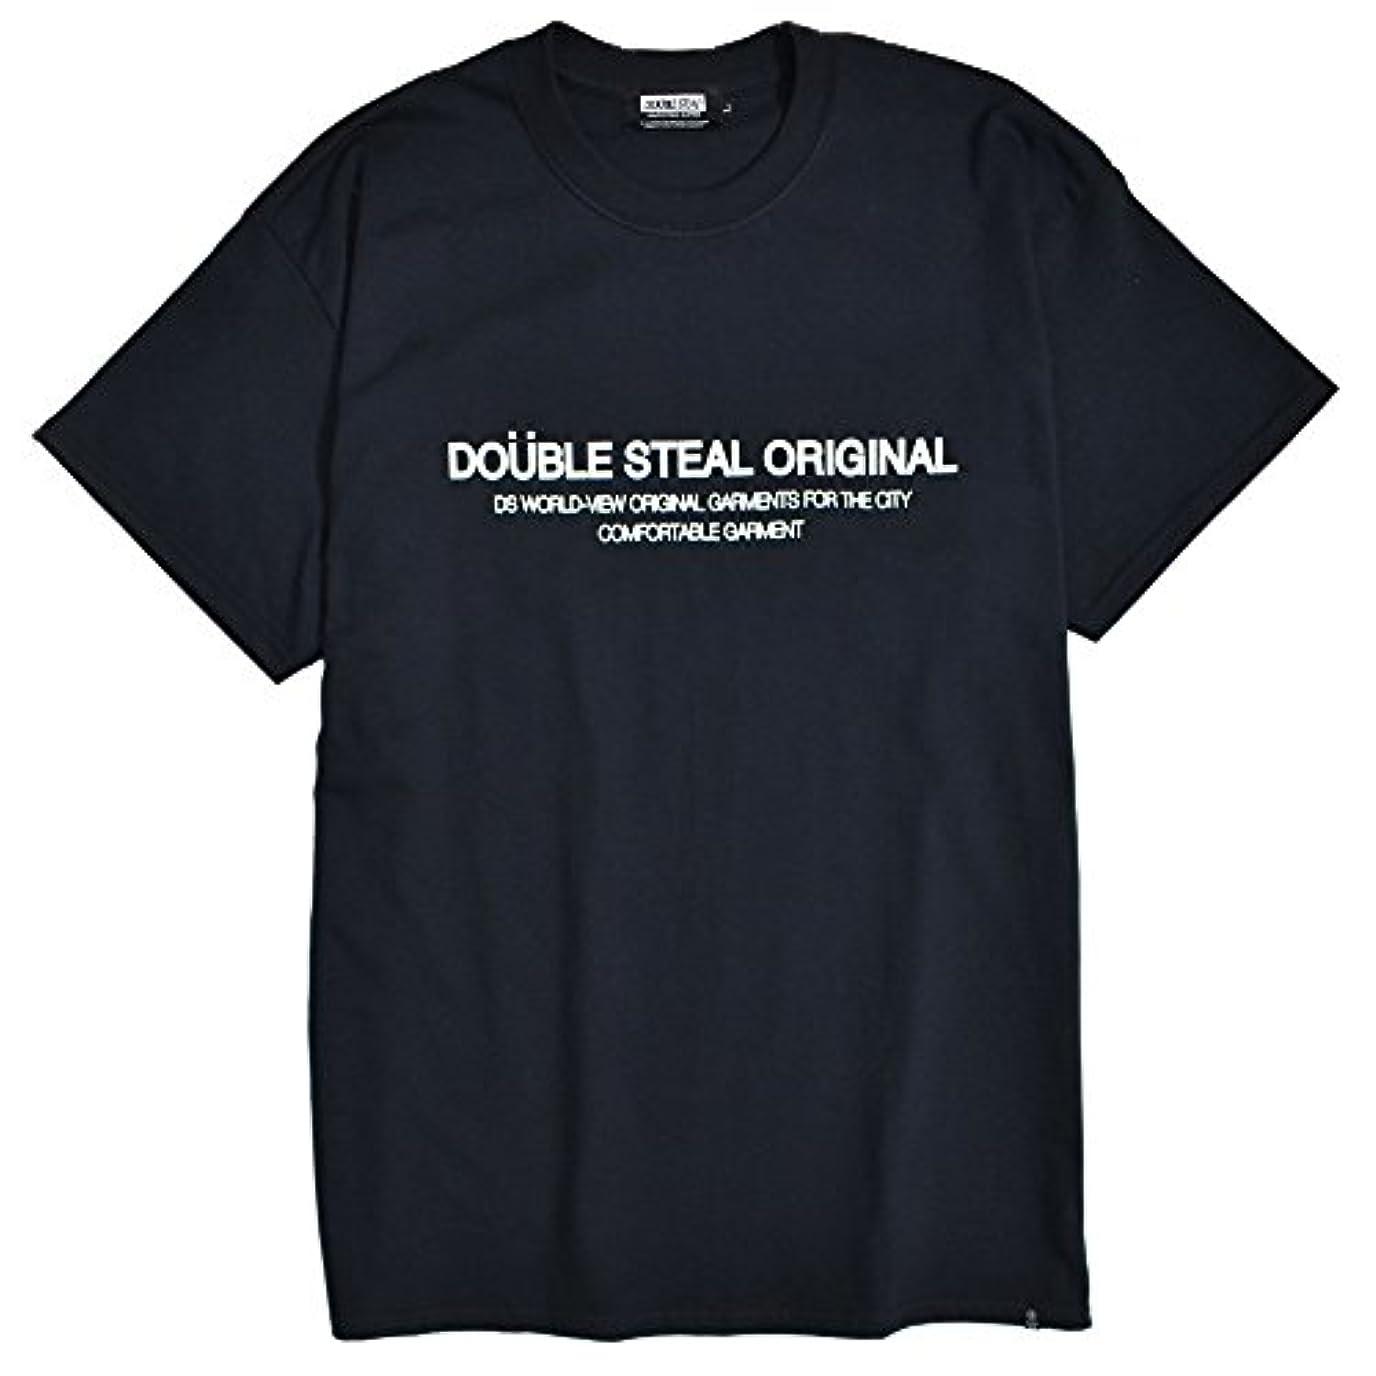 アート病気のアートダブルスティール Typography Tシャツ メンズ